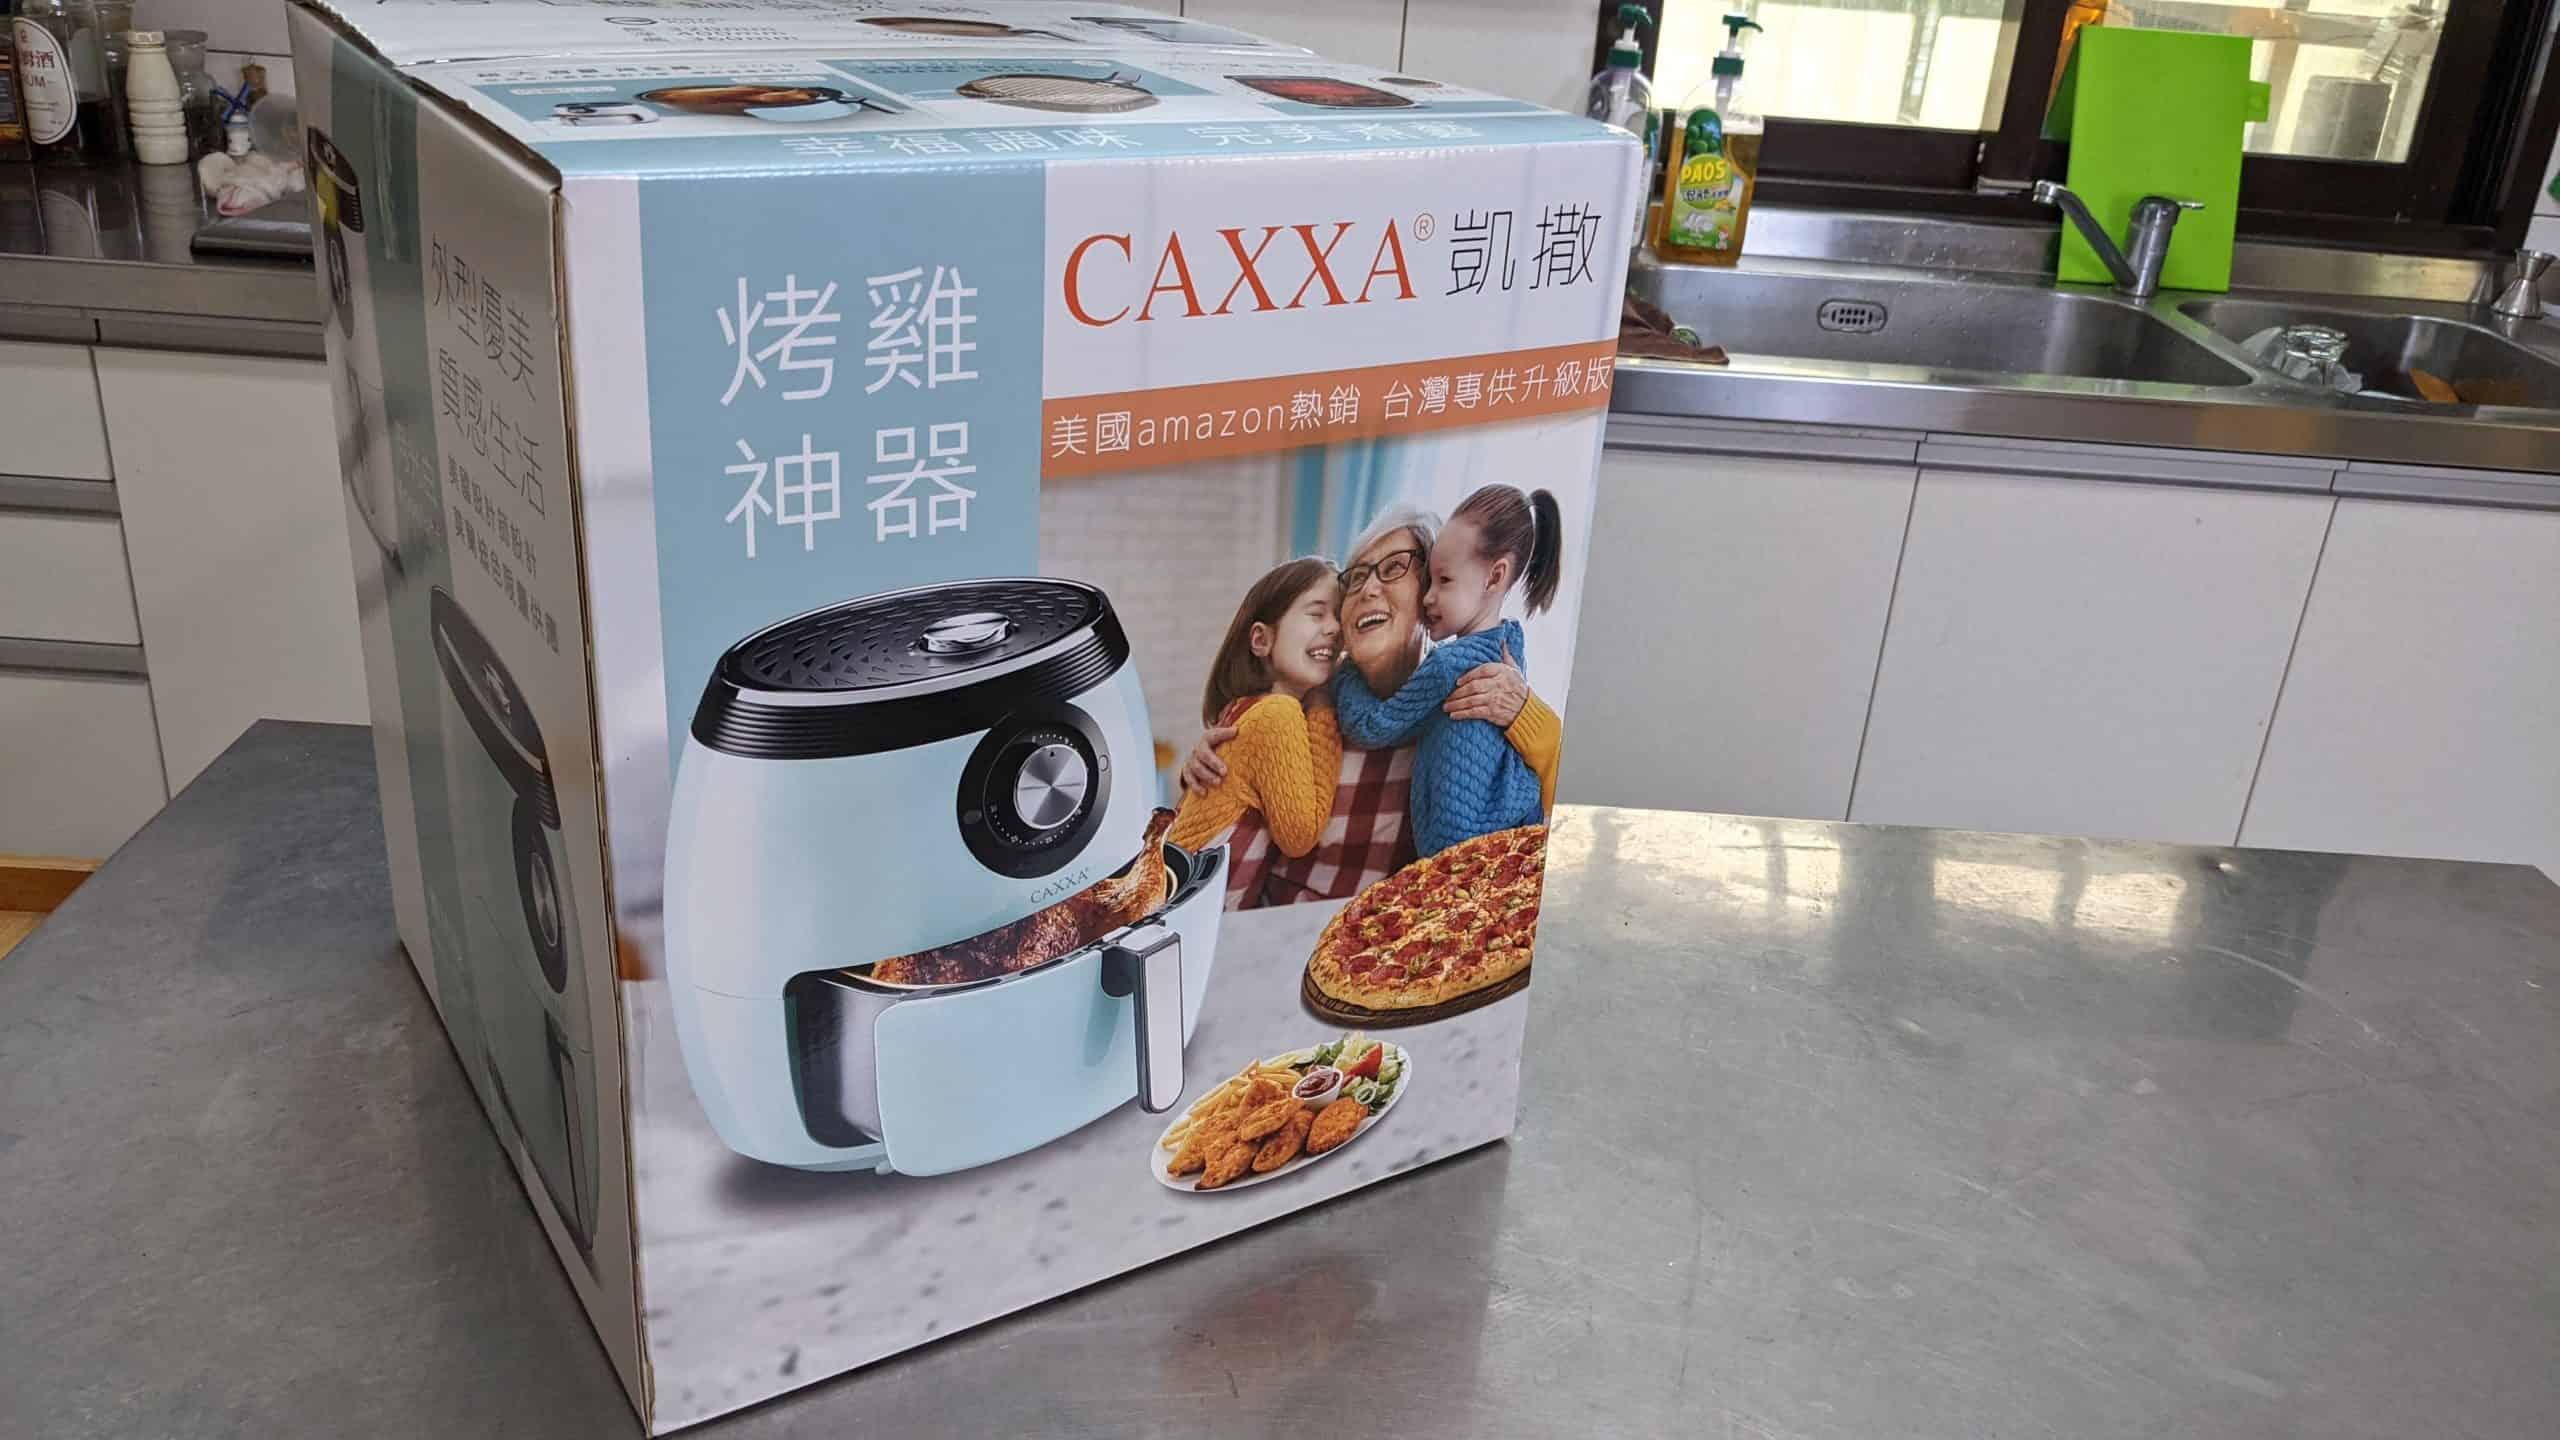 Caxxa 凱撒氣炸鍋外包裝